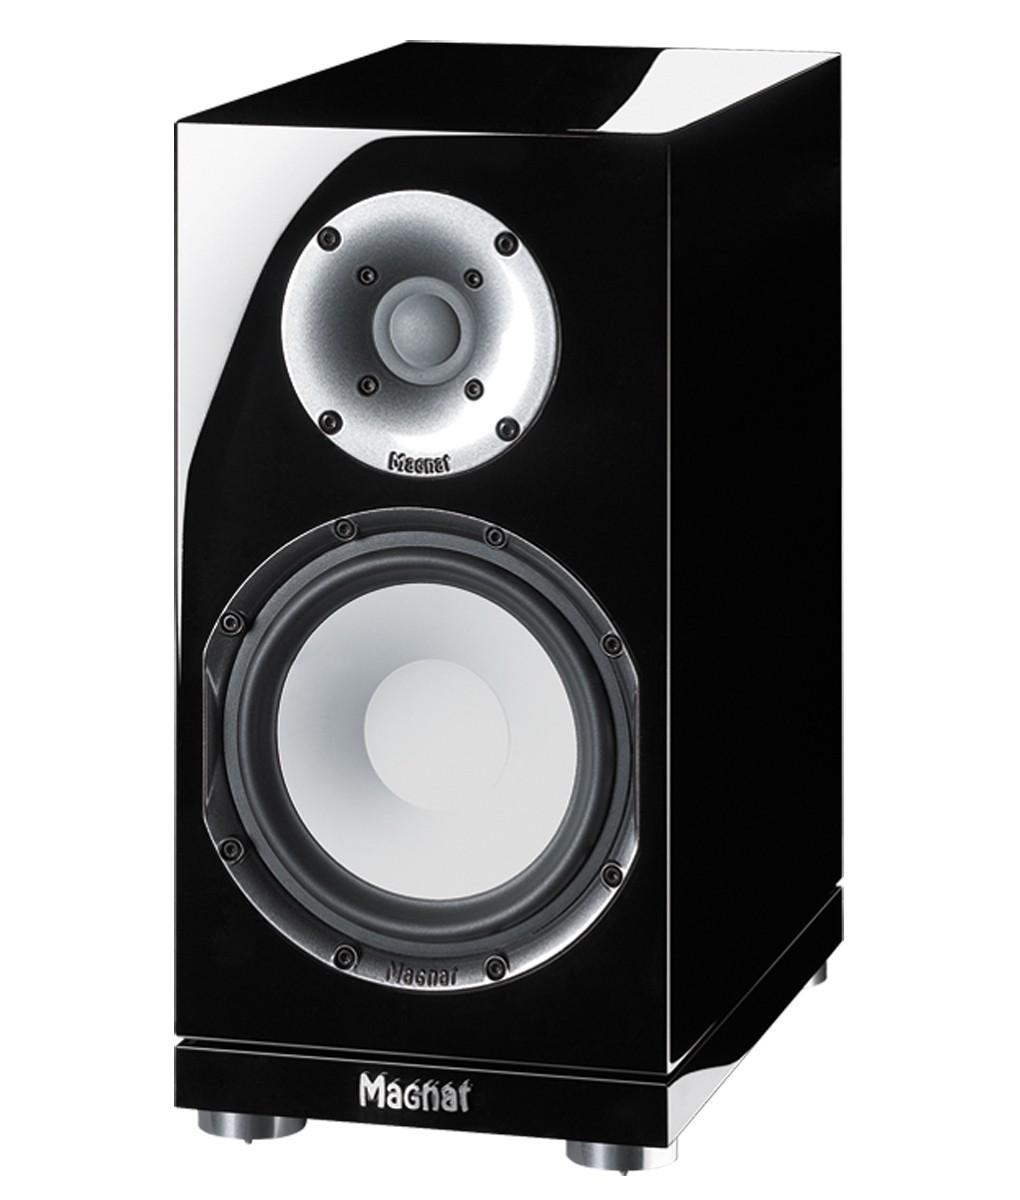 Magnat Quantum 803, Piano Black, 200 Watt max., 1 Paar B-Ware